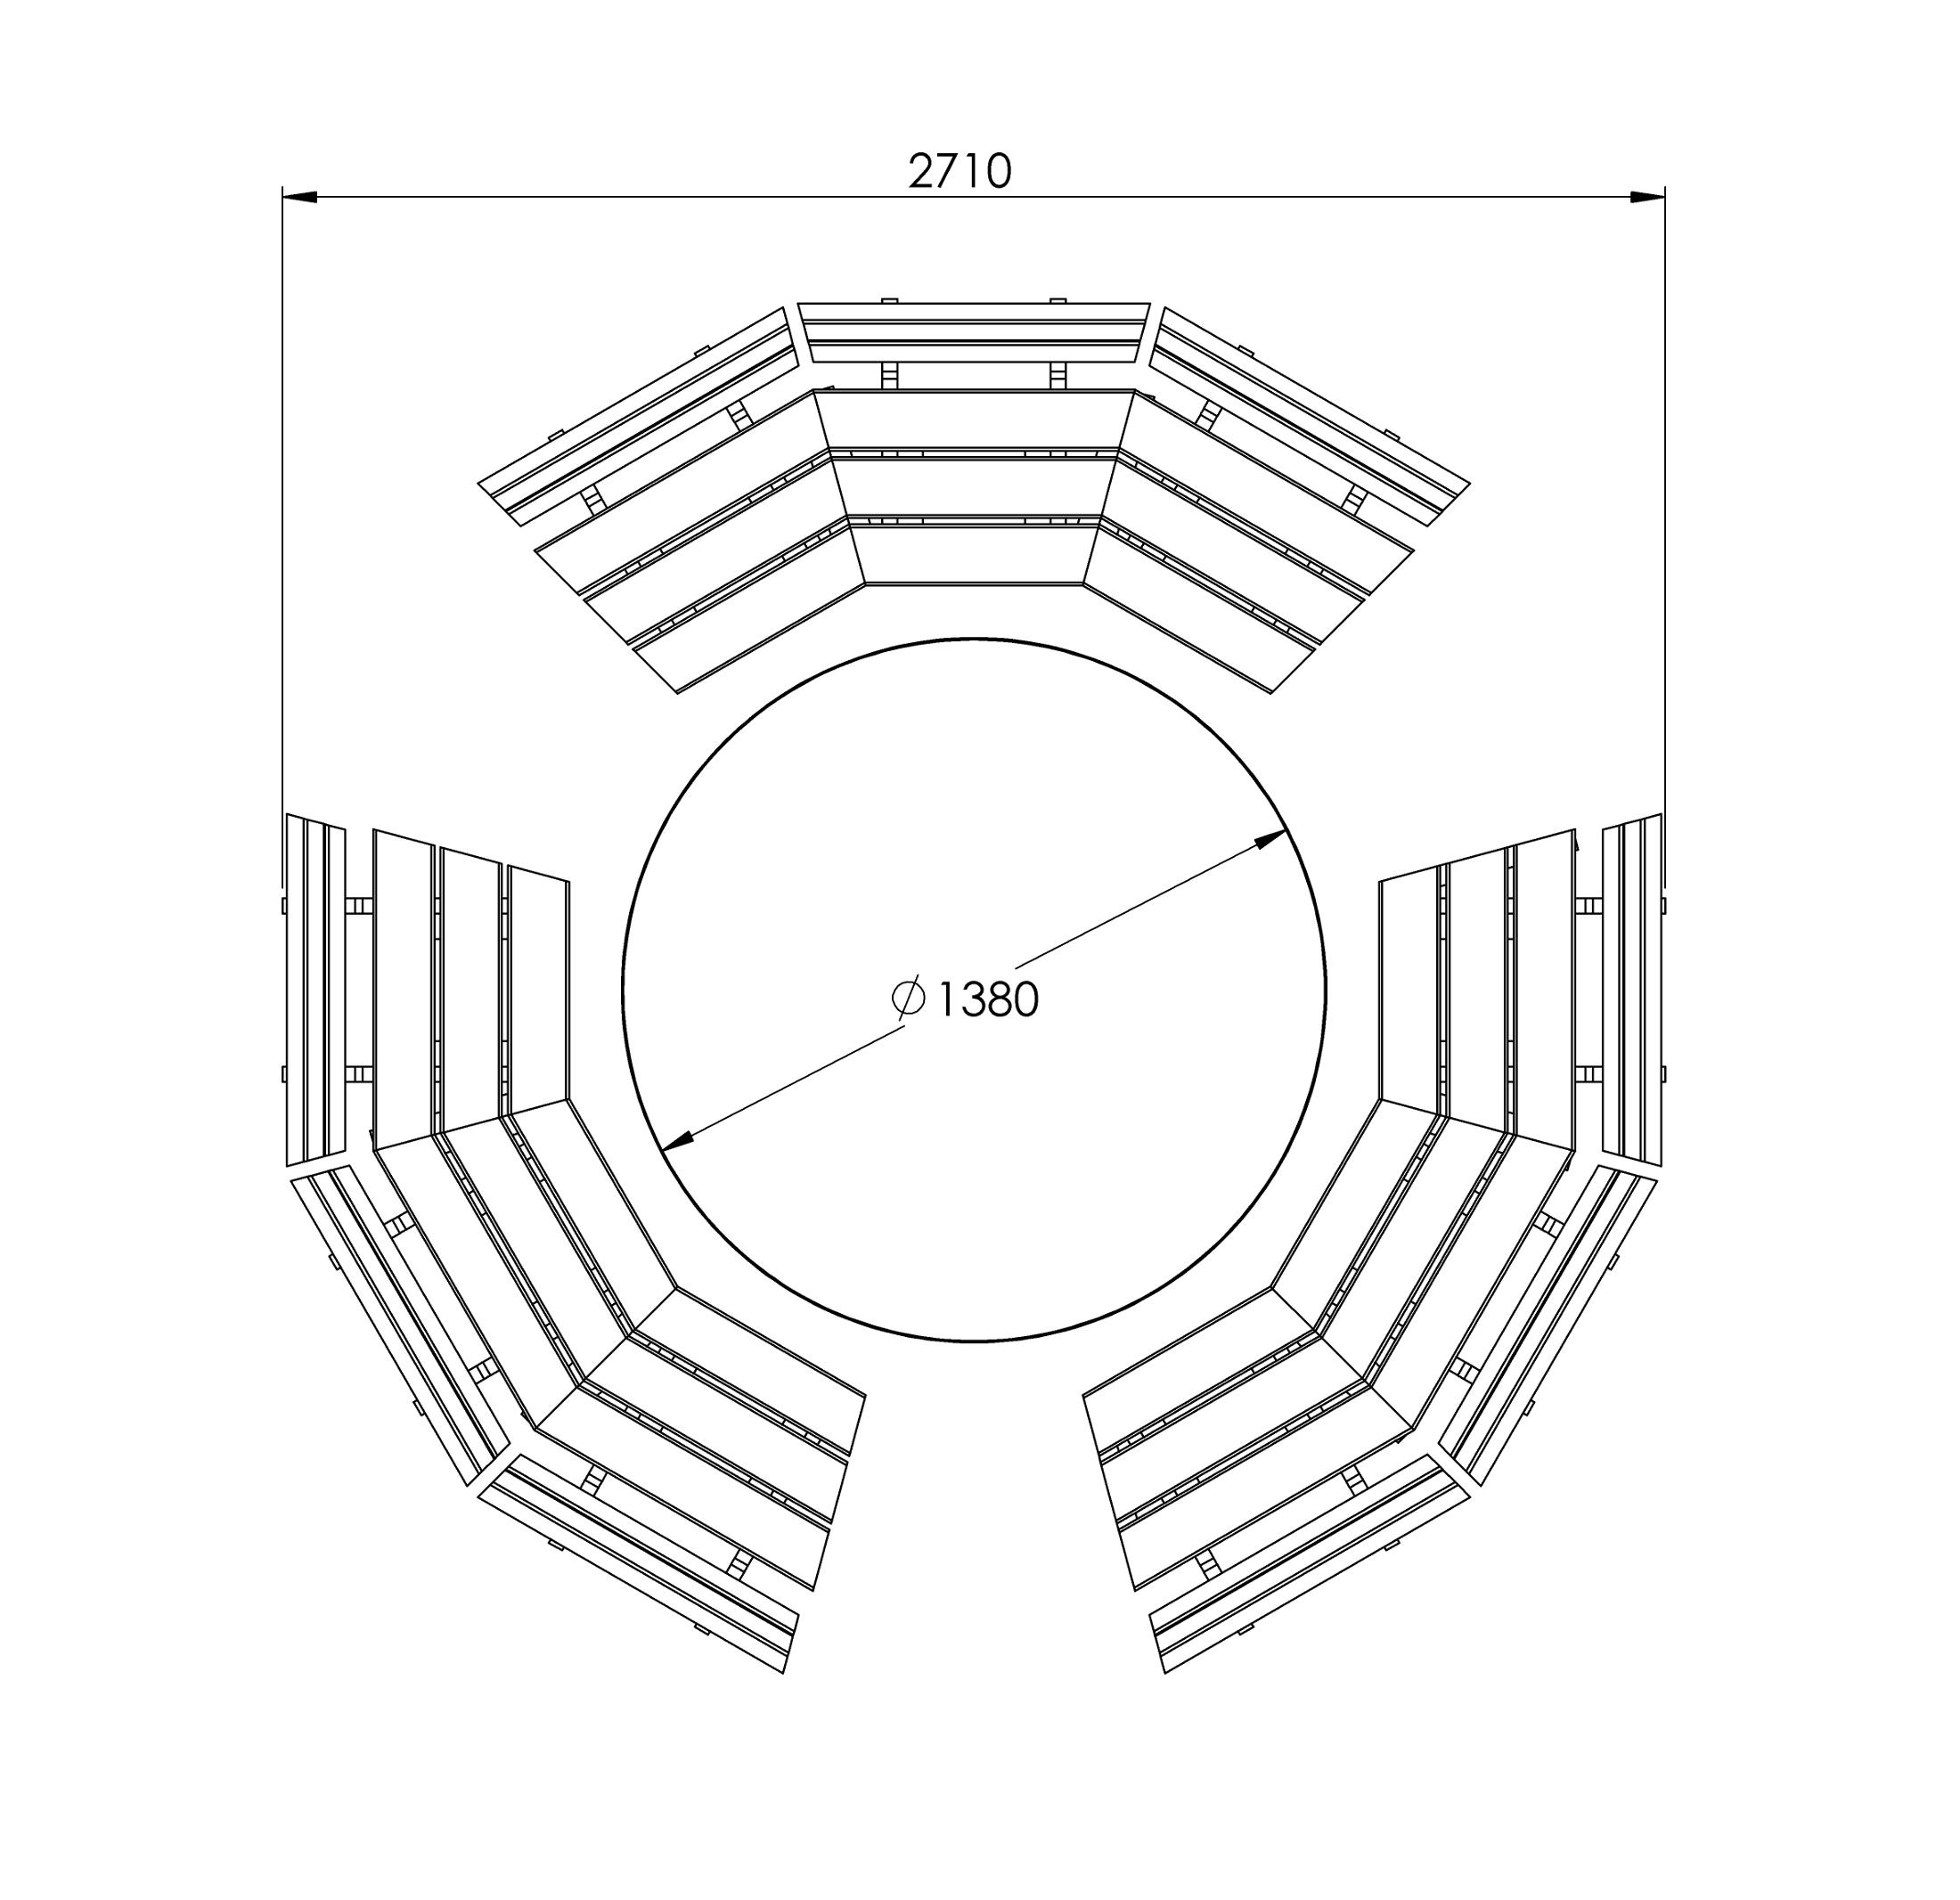 Massskizze_Arco_Sitzgruppe_3x3-2200px